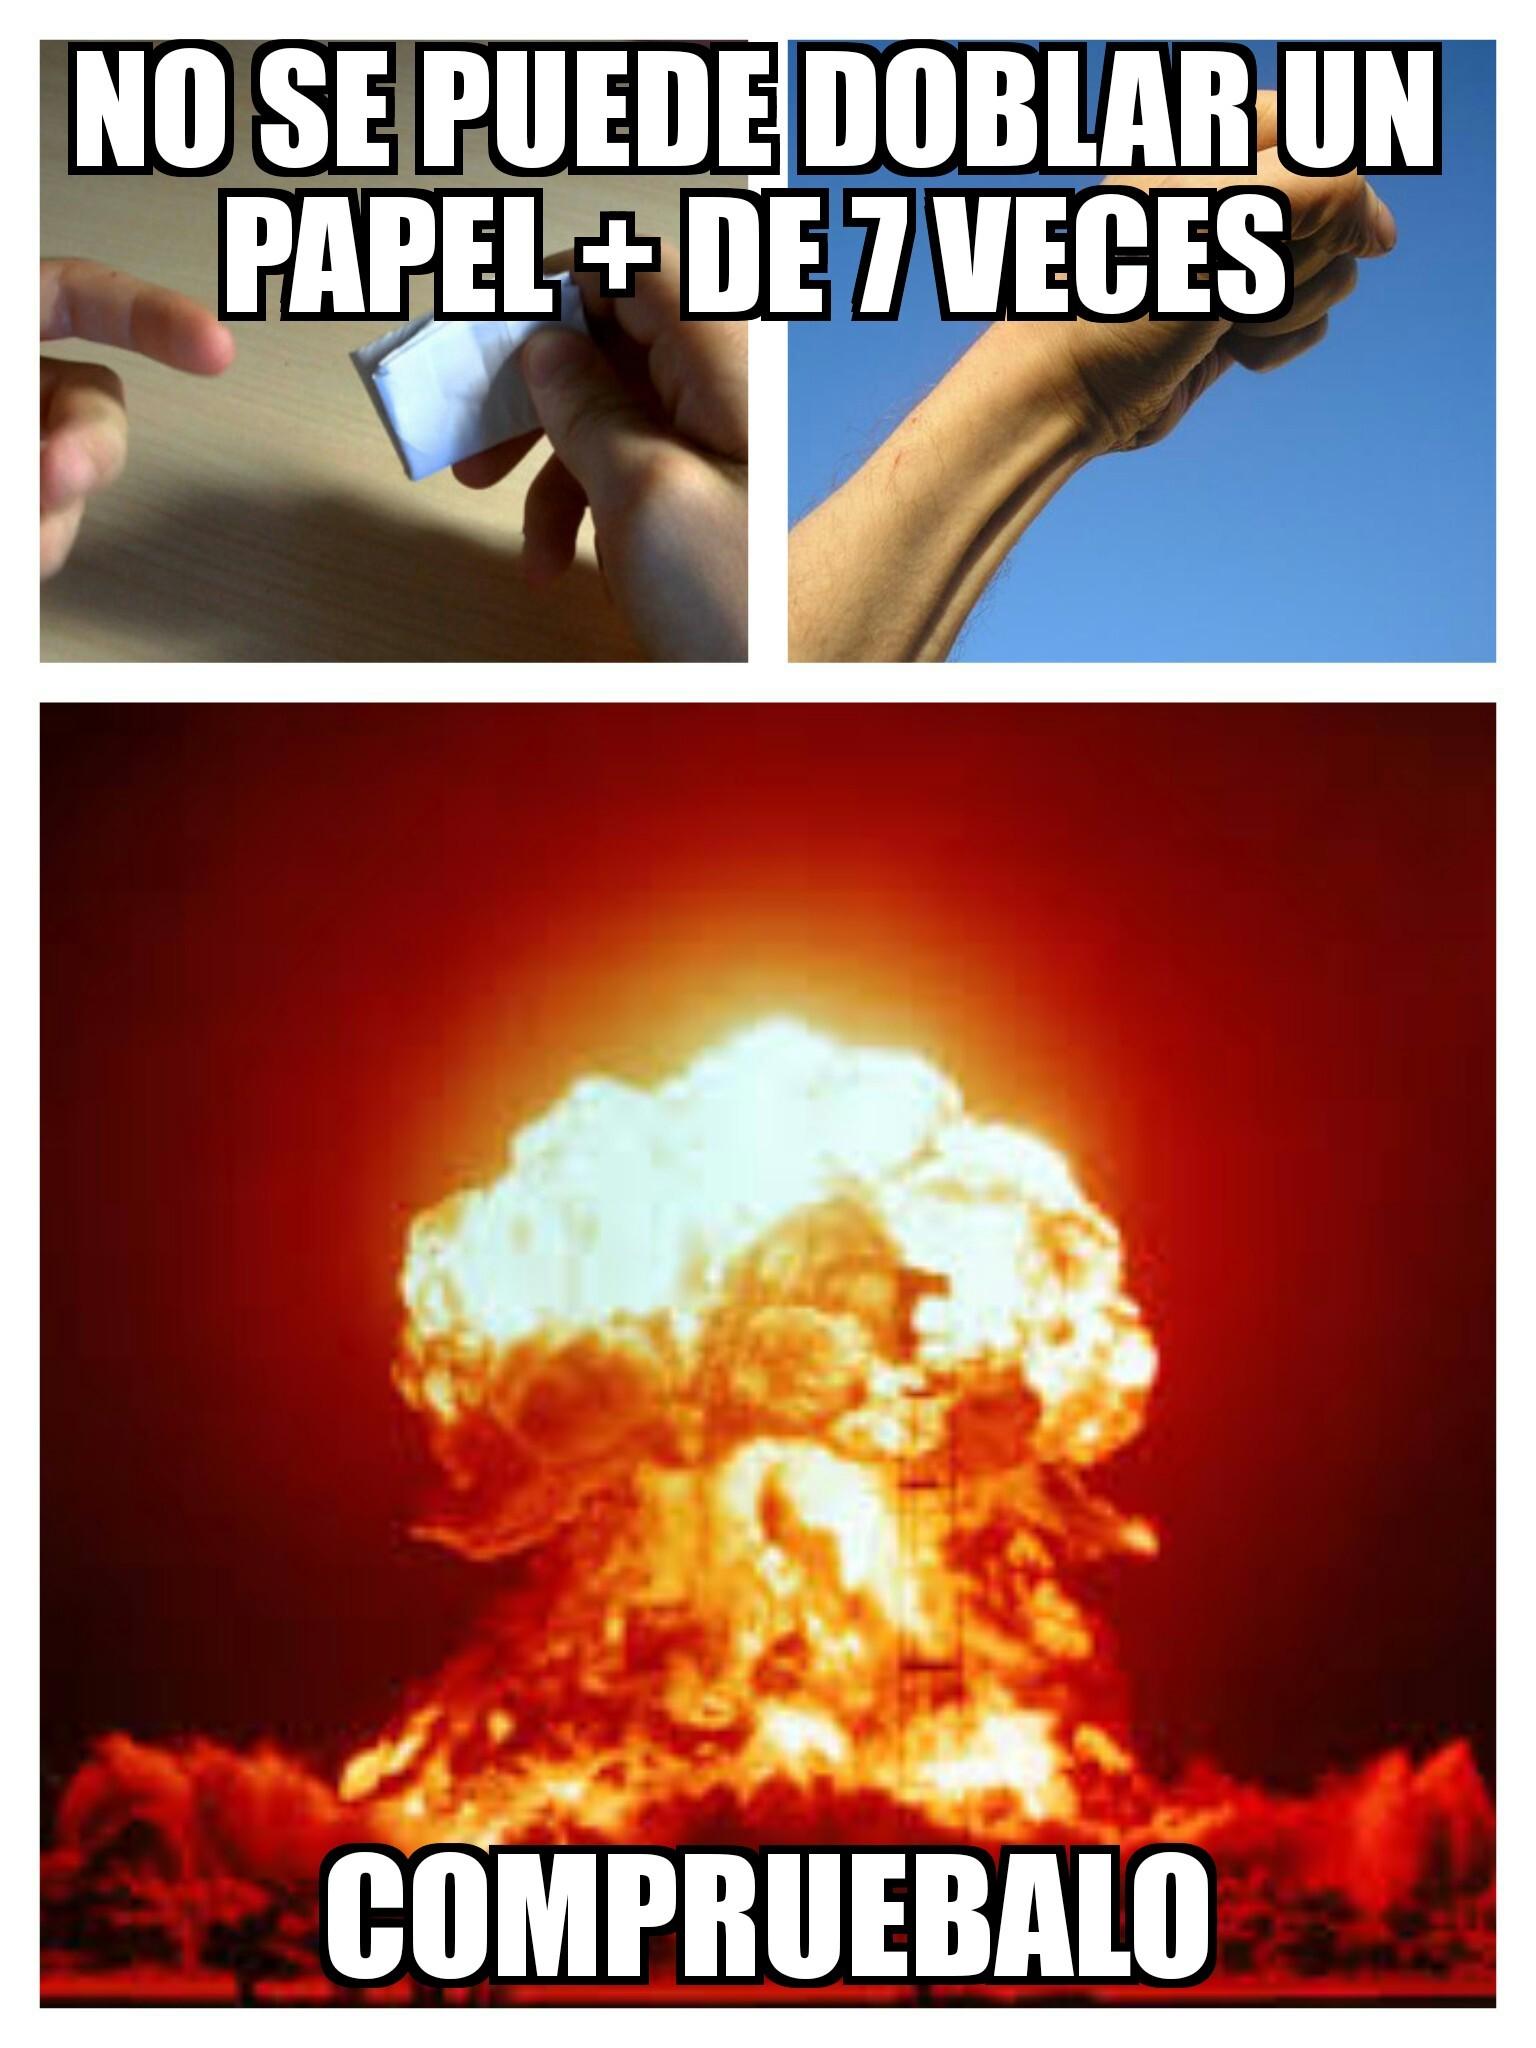 Papel + 7 veces - meme